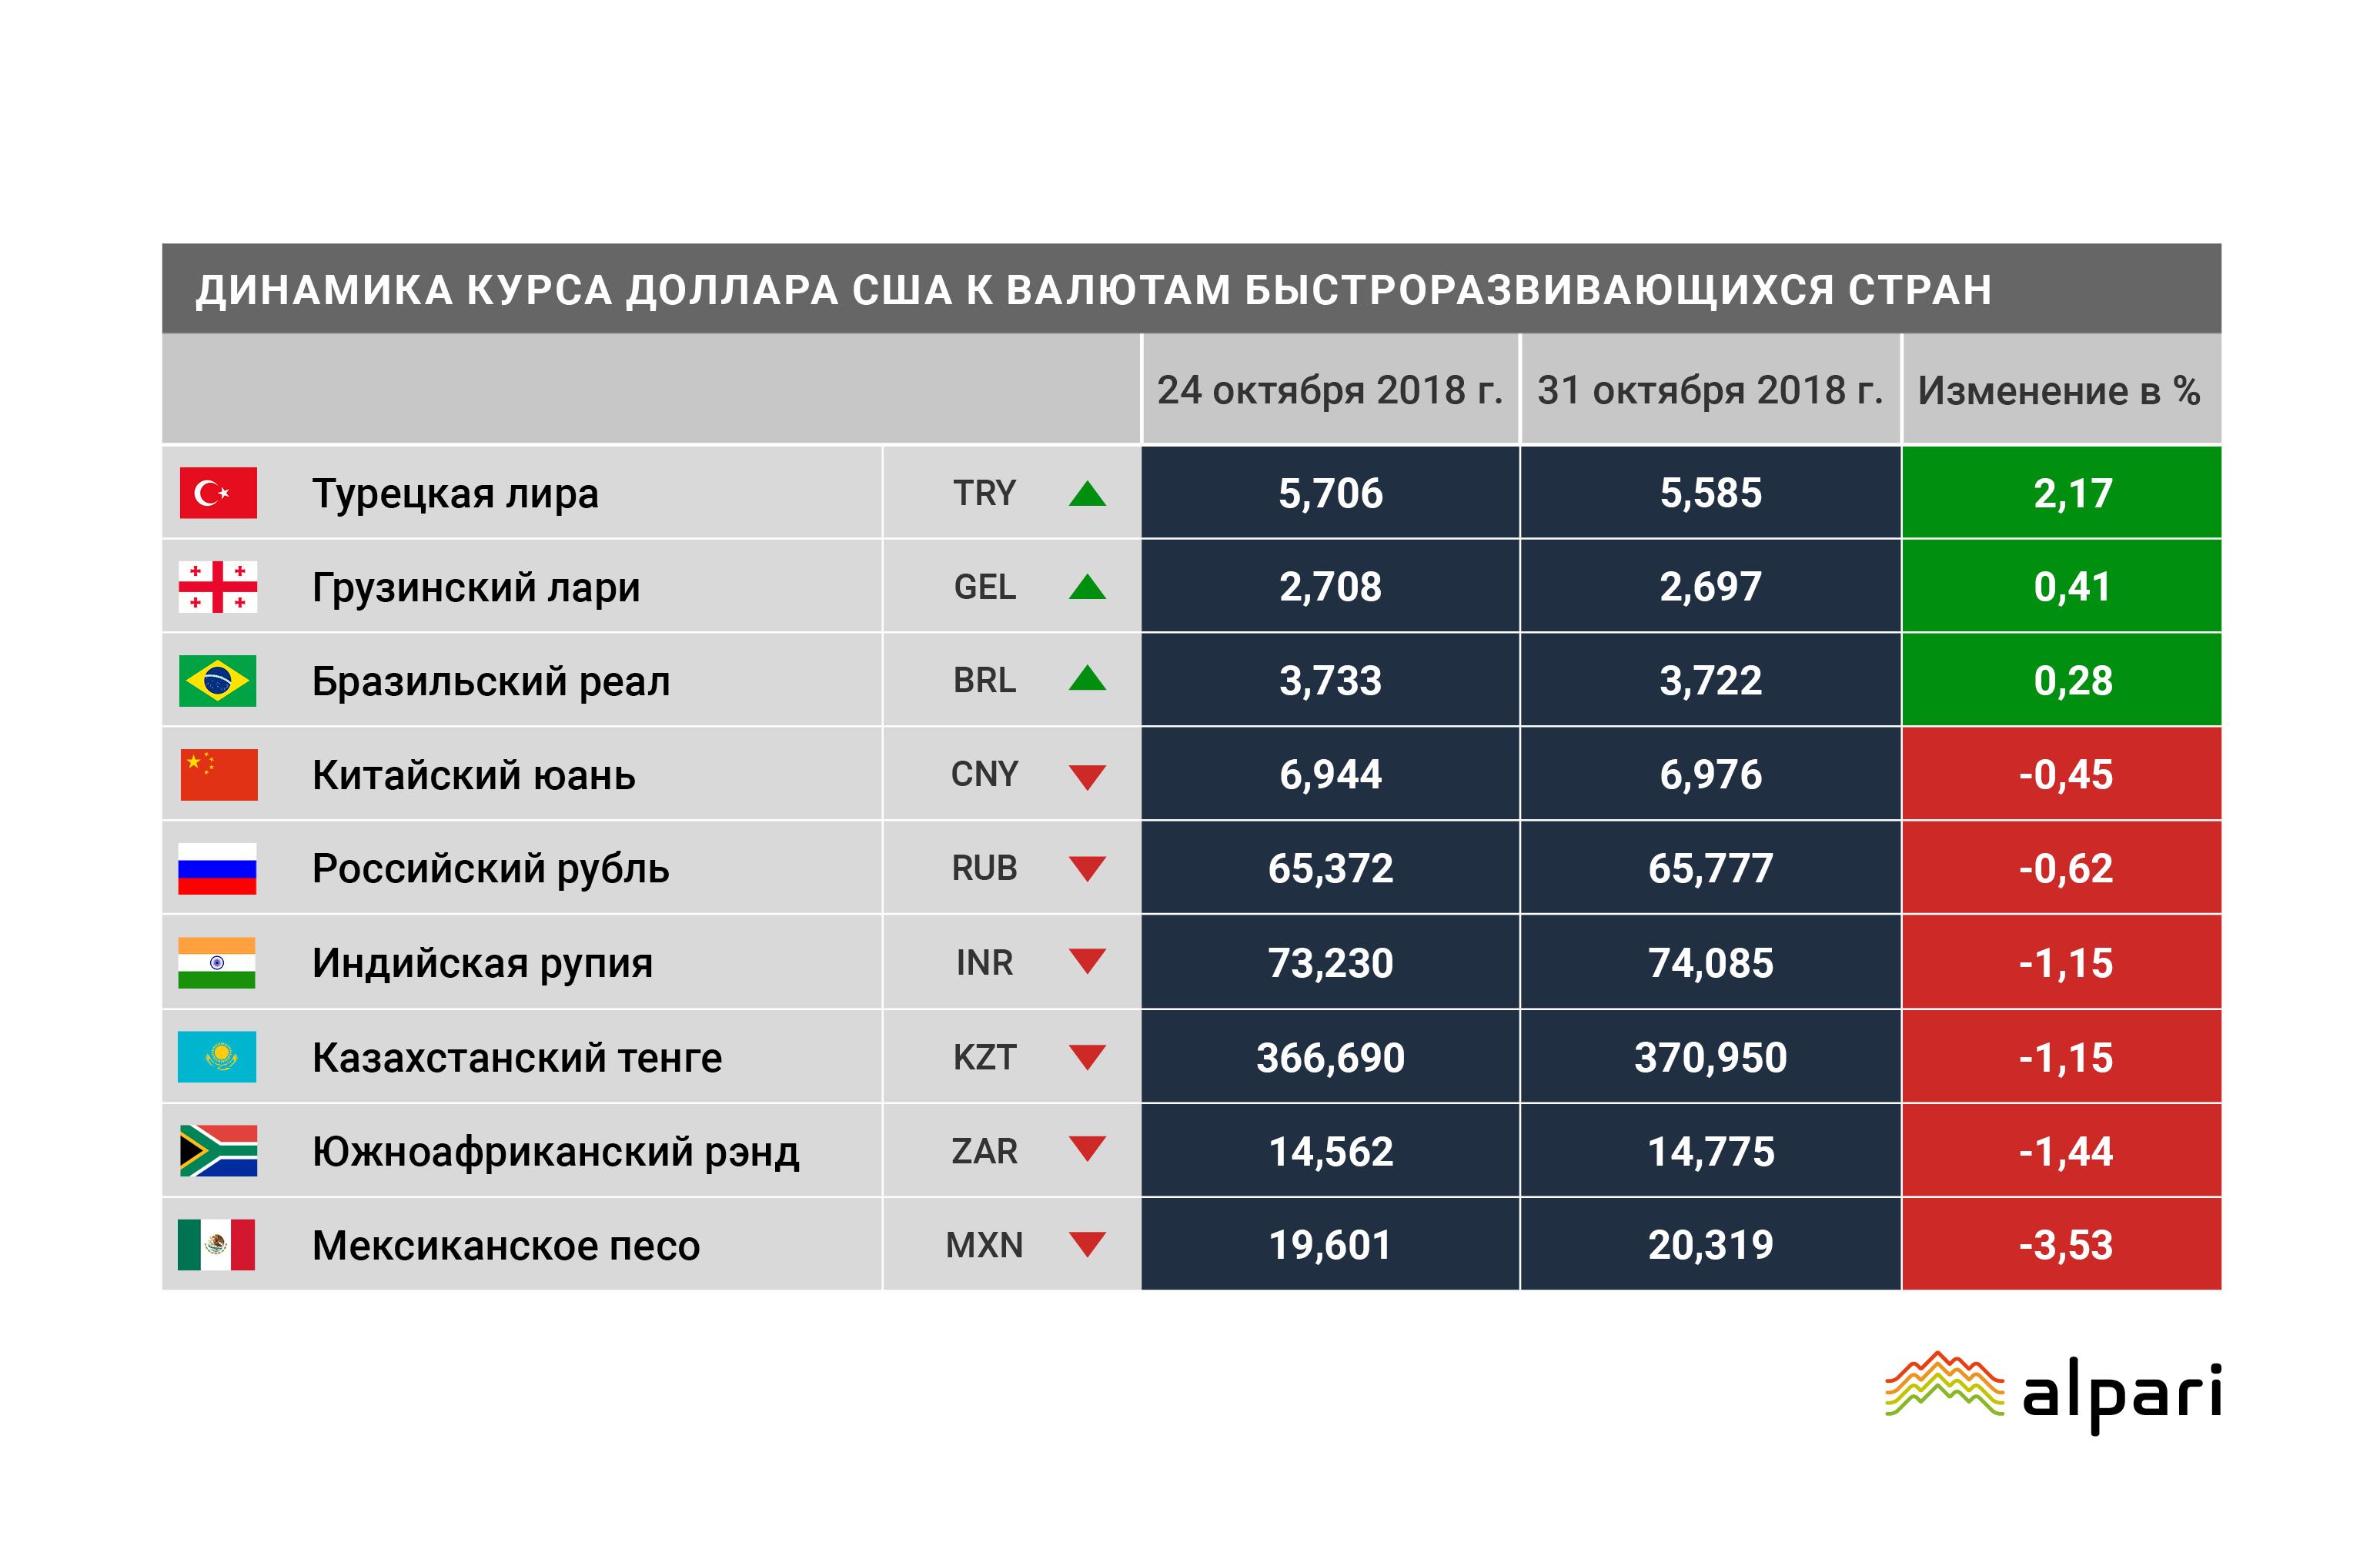 Валюты Турции, Грузии и Бразилии в лидерах роста